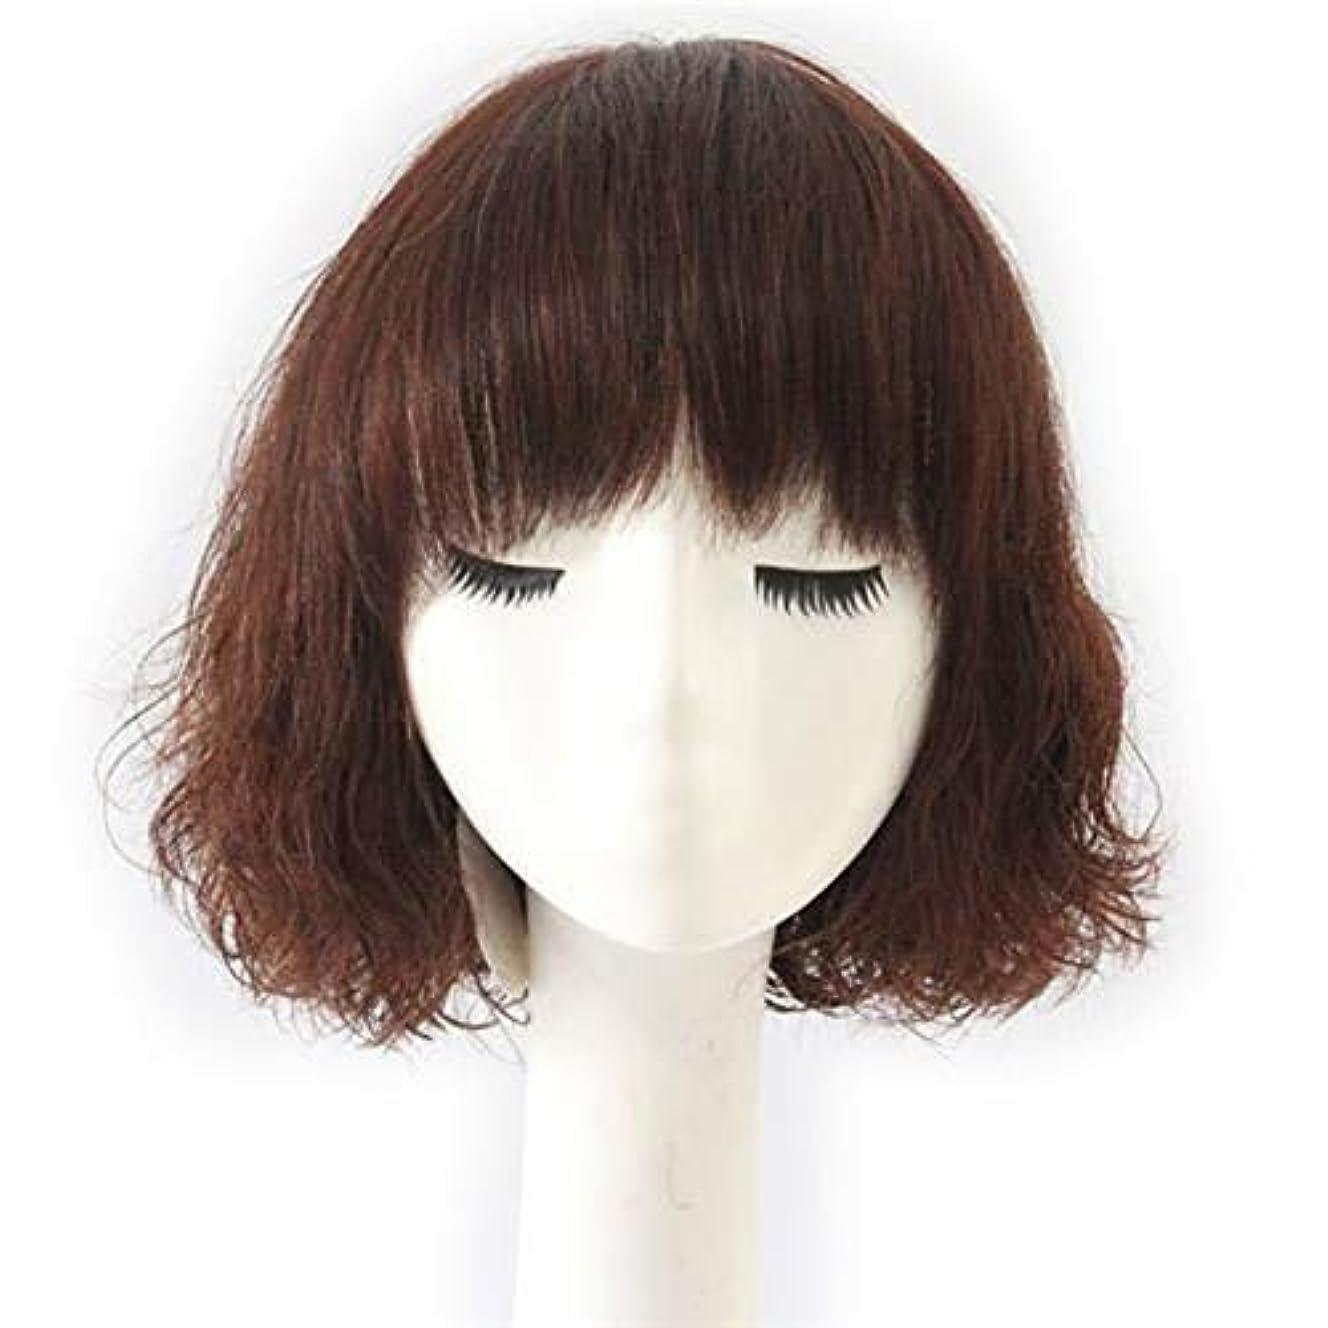 受賞預言者任命かつら 女性のファッションかつらのためのダークブラウンのリアルヘアウィッグショートカーリーペアヘッド (色 : Dark brown)